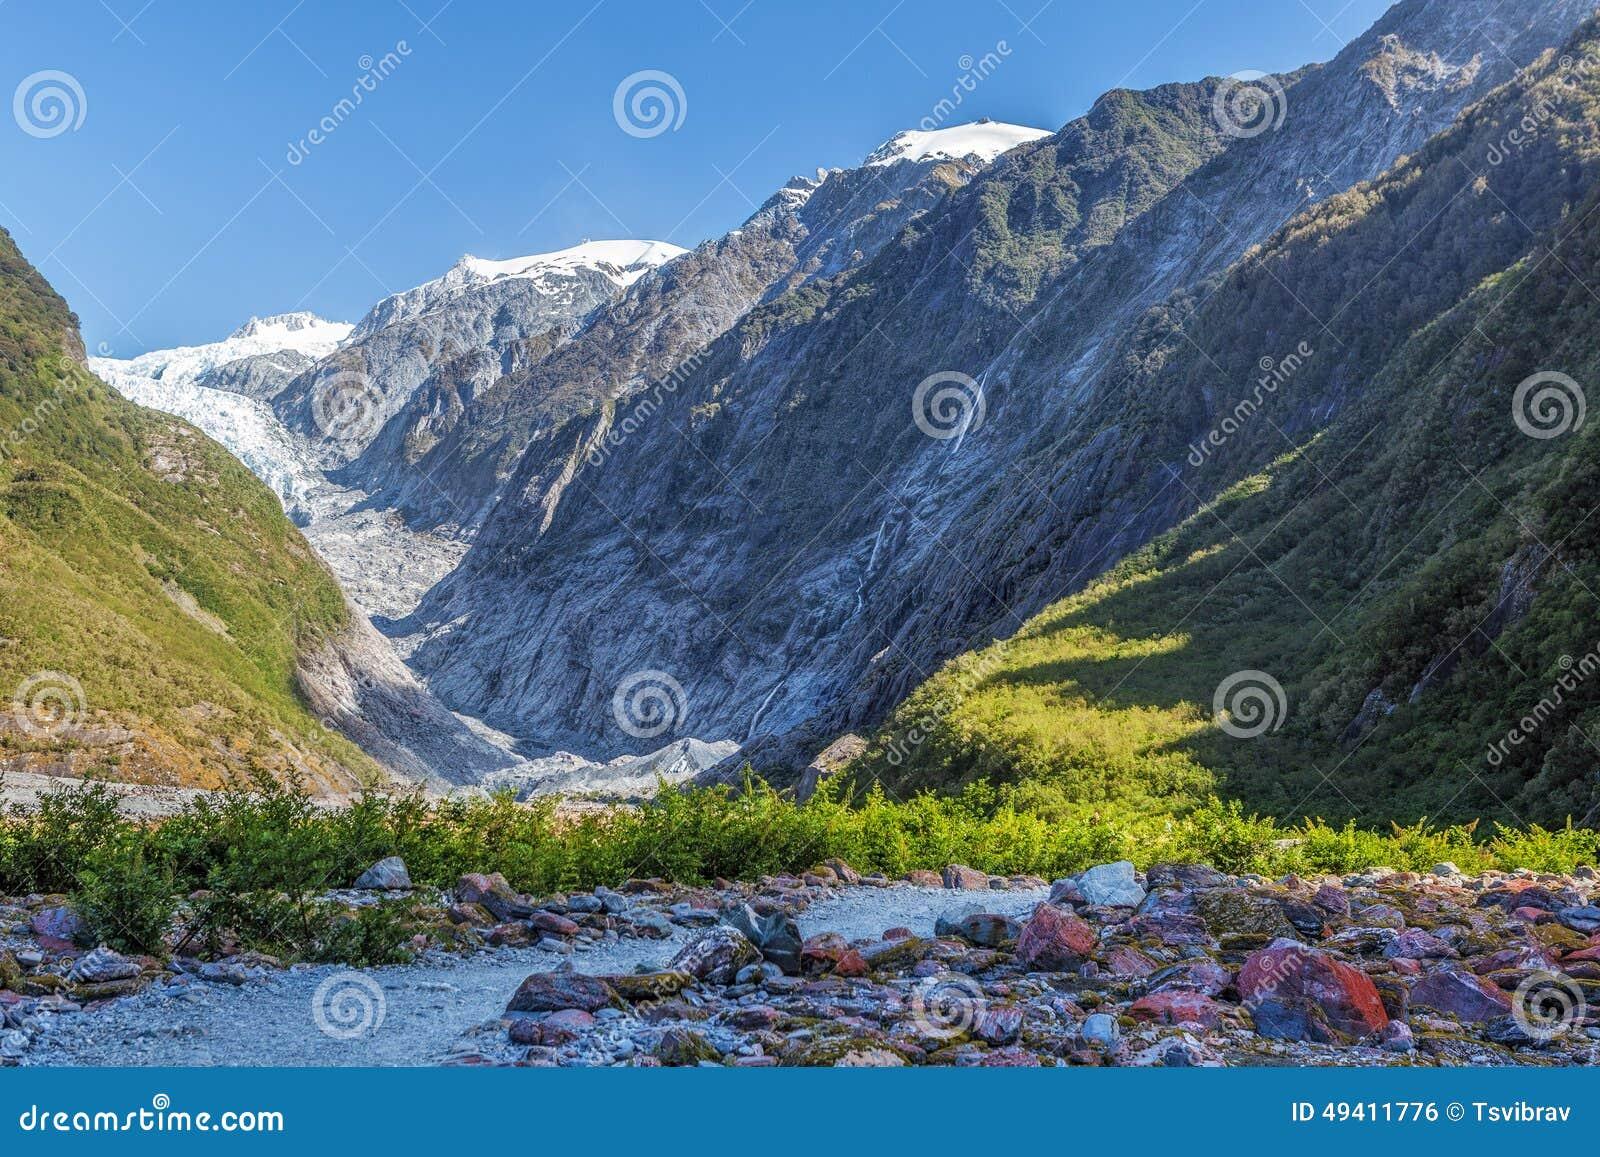 Download Schöner Franz Jozef Glacier, Südinsel, Neuseeland Stockfoto - Bild von park, blau: 49411776